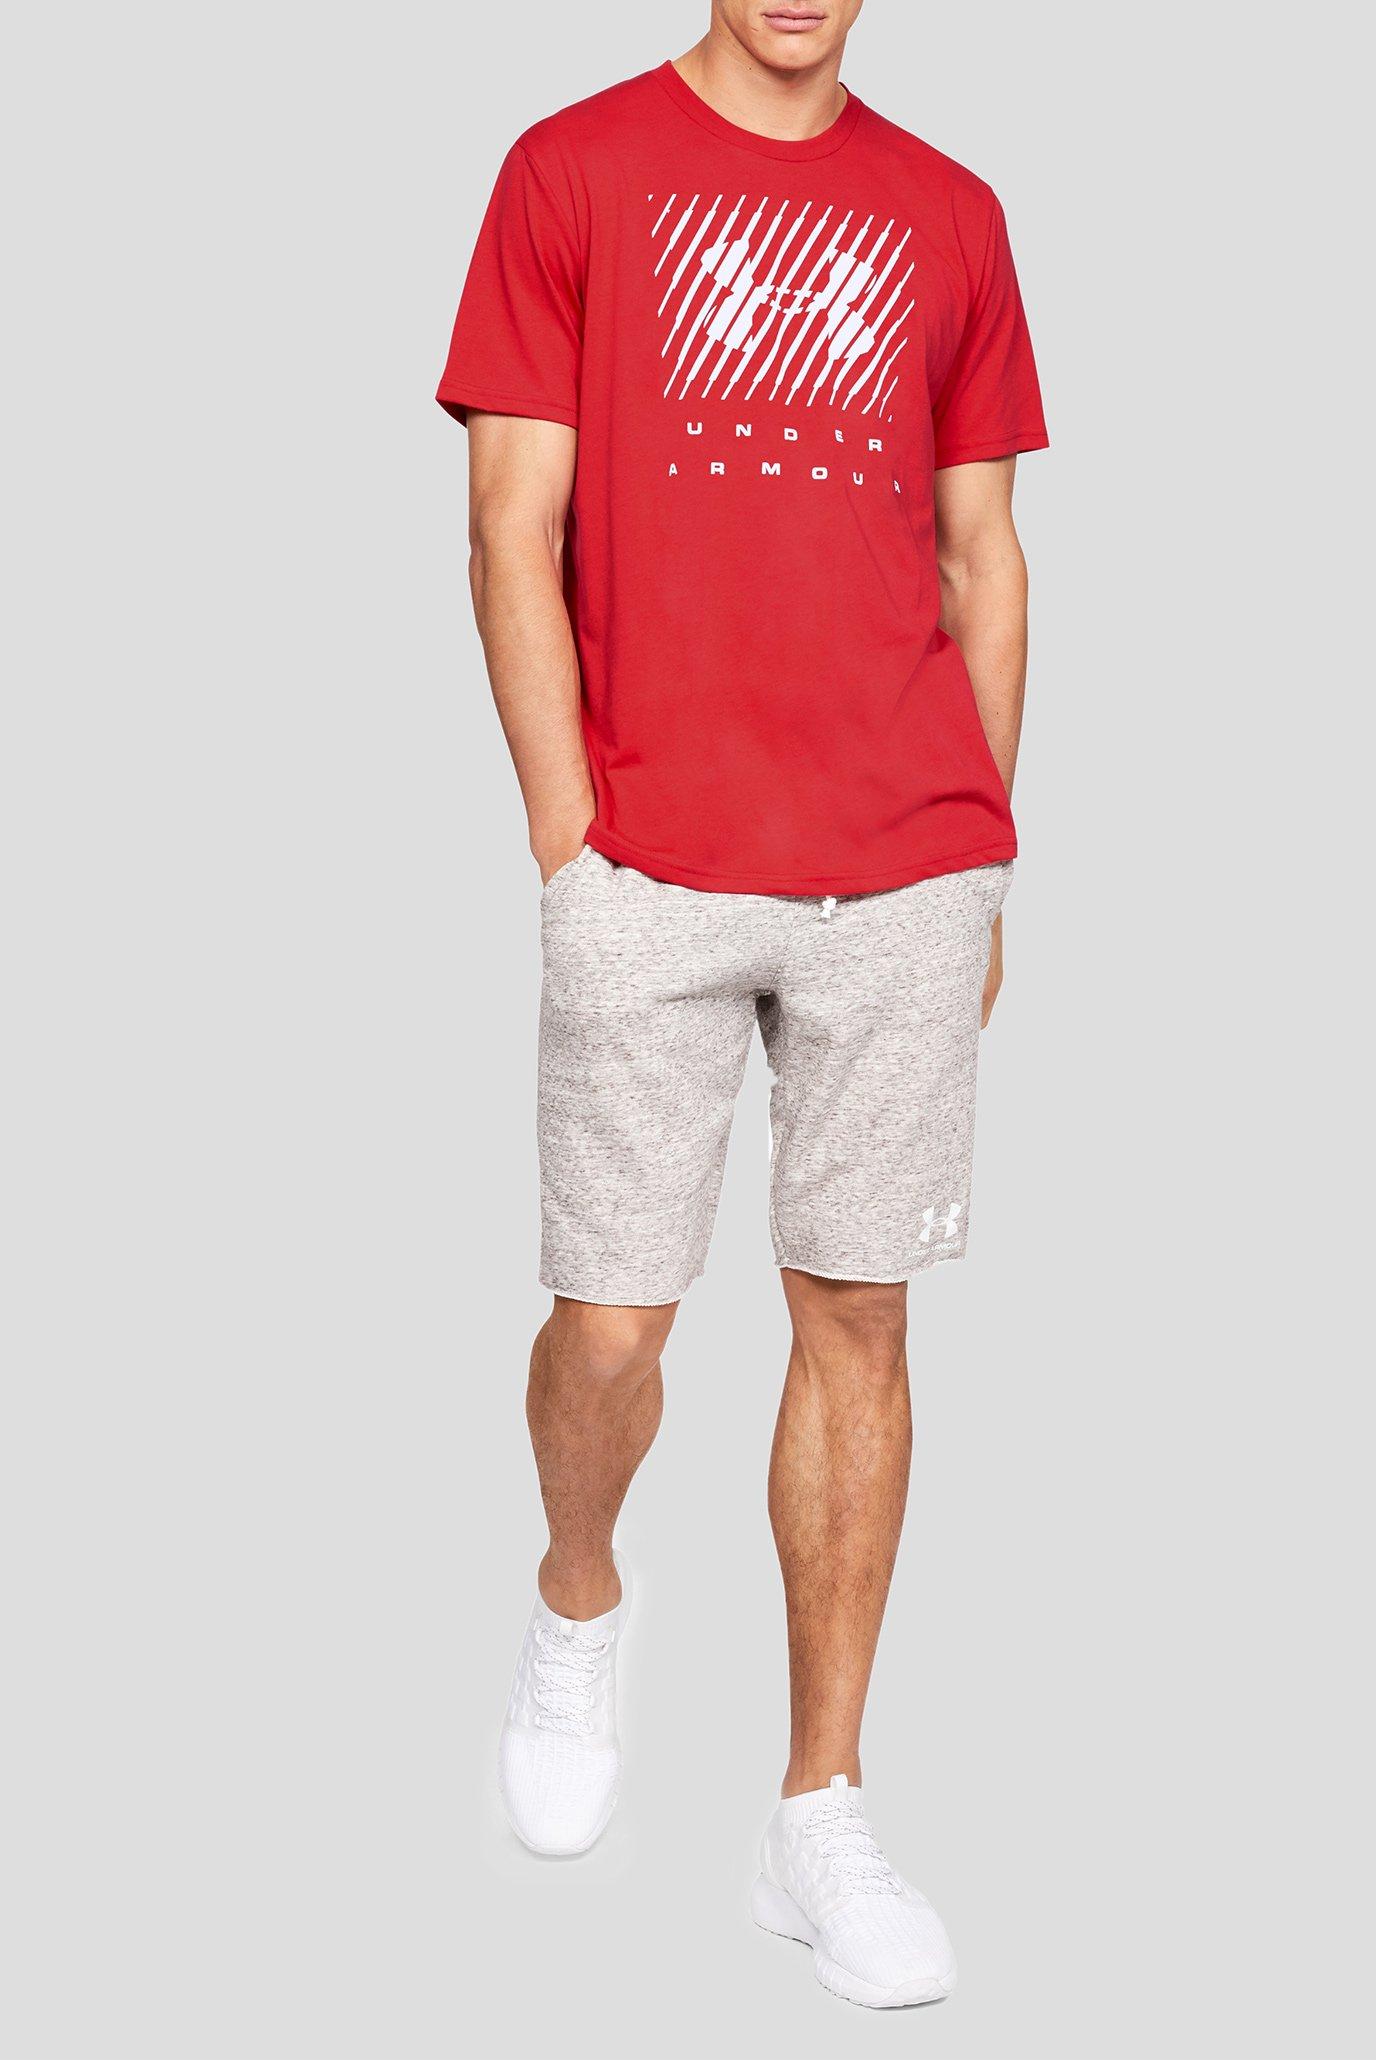 Купить Мужская красная футболка UA BRANDED BIG LOGO SS Under Armour Under Armour 1329588-633 – Киев, Украина. Цены в интернет магазине MD Fashion